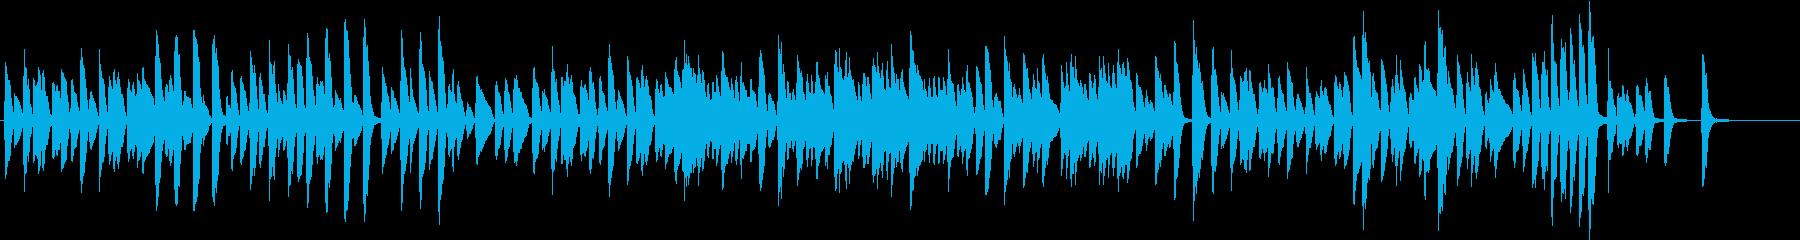 ノスタルジックで素朴で可愛いピアノ曲の再生済みの波形